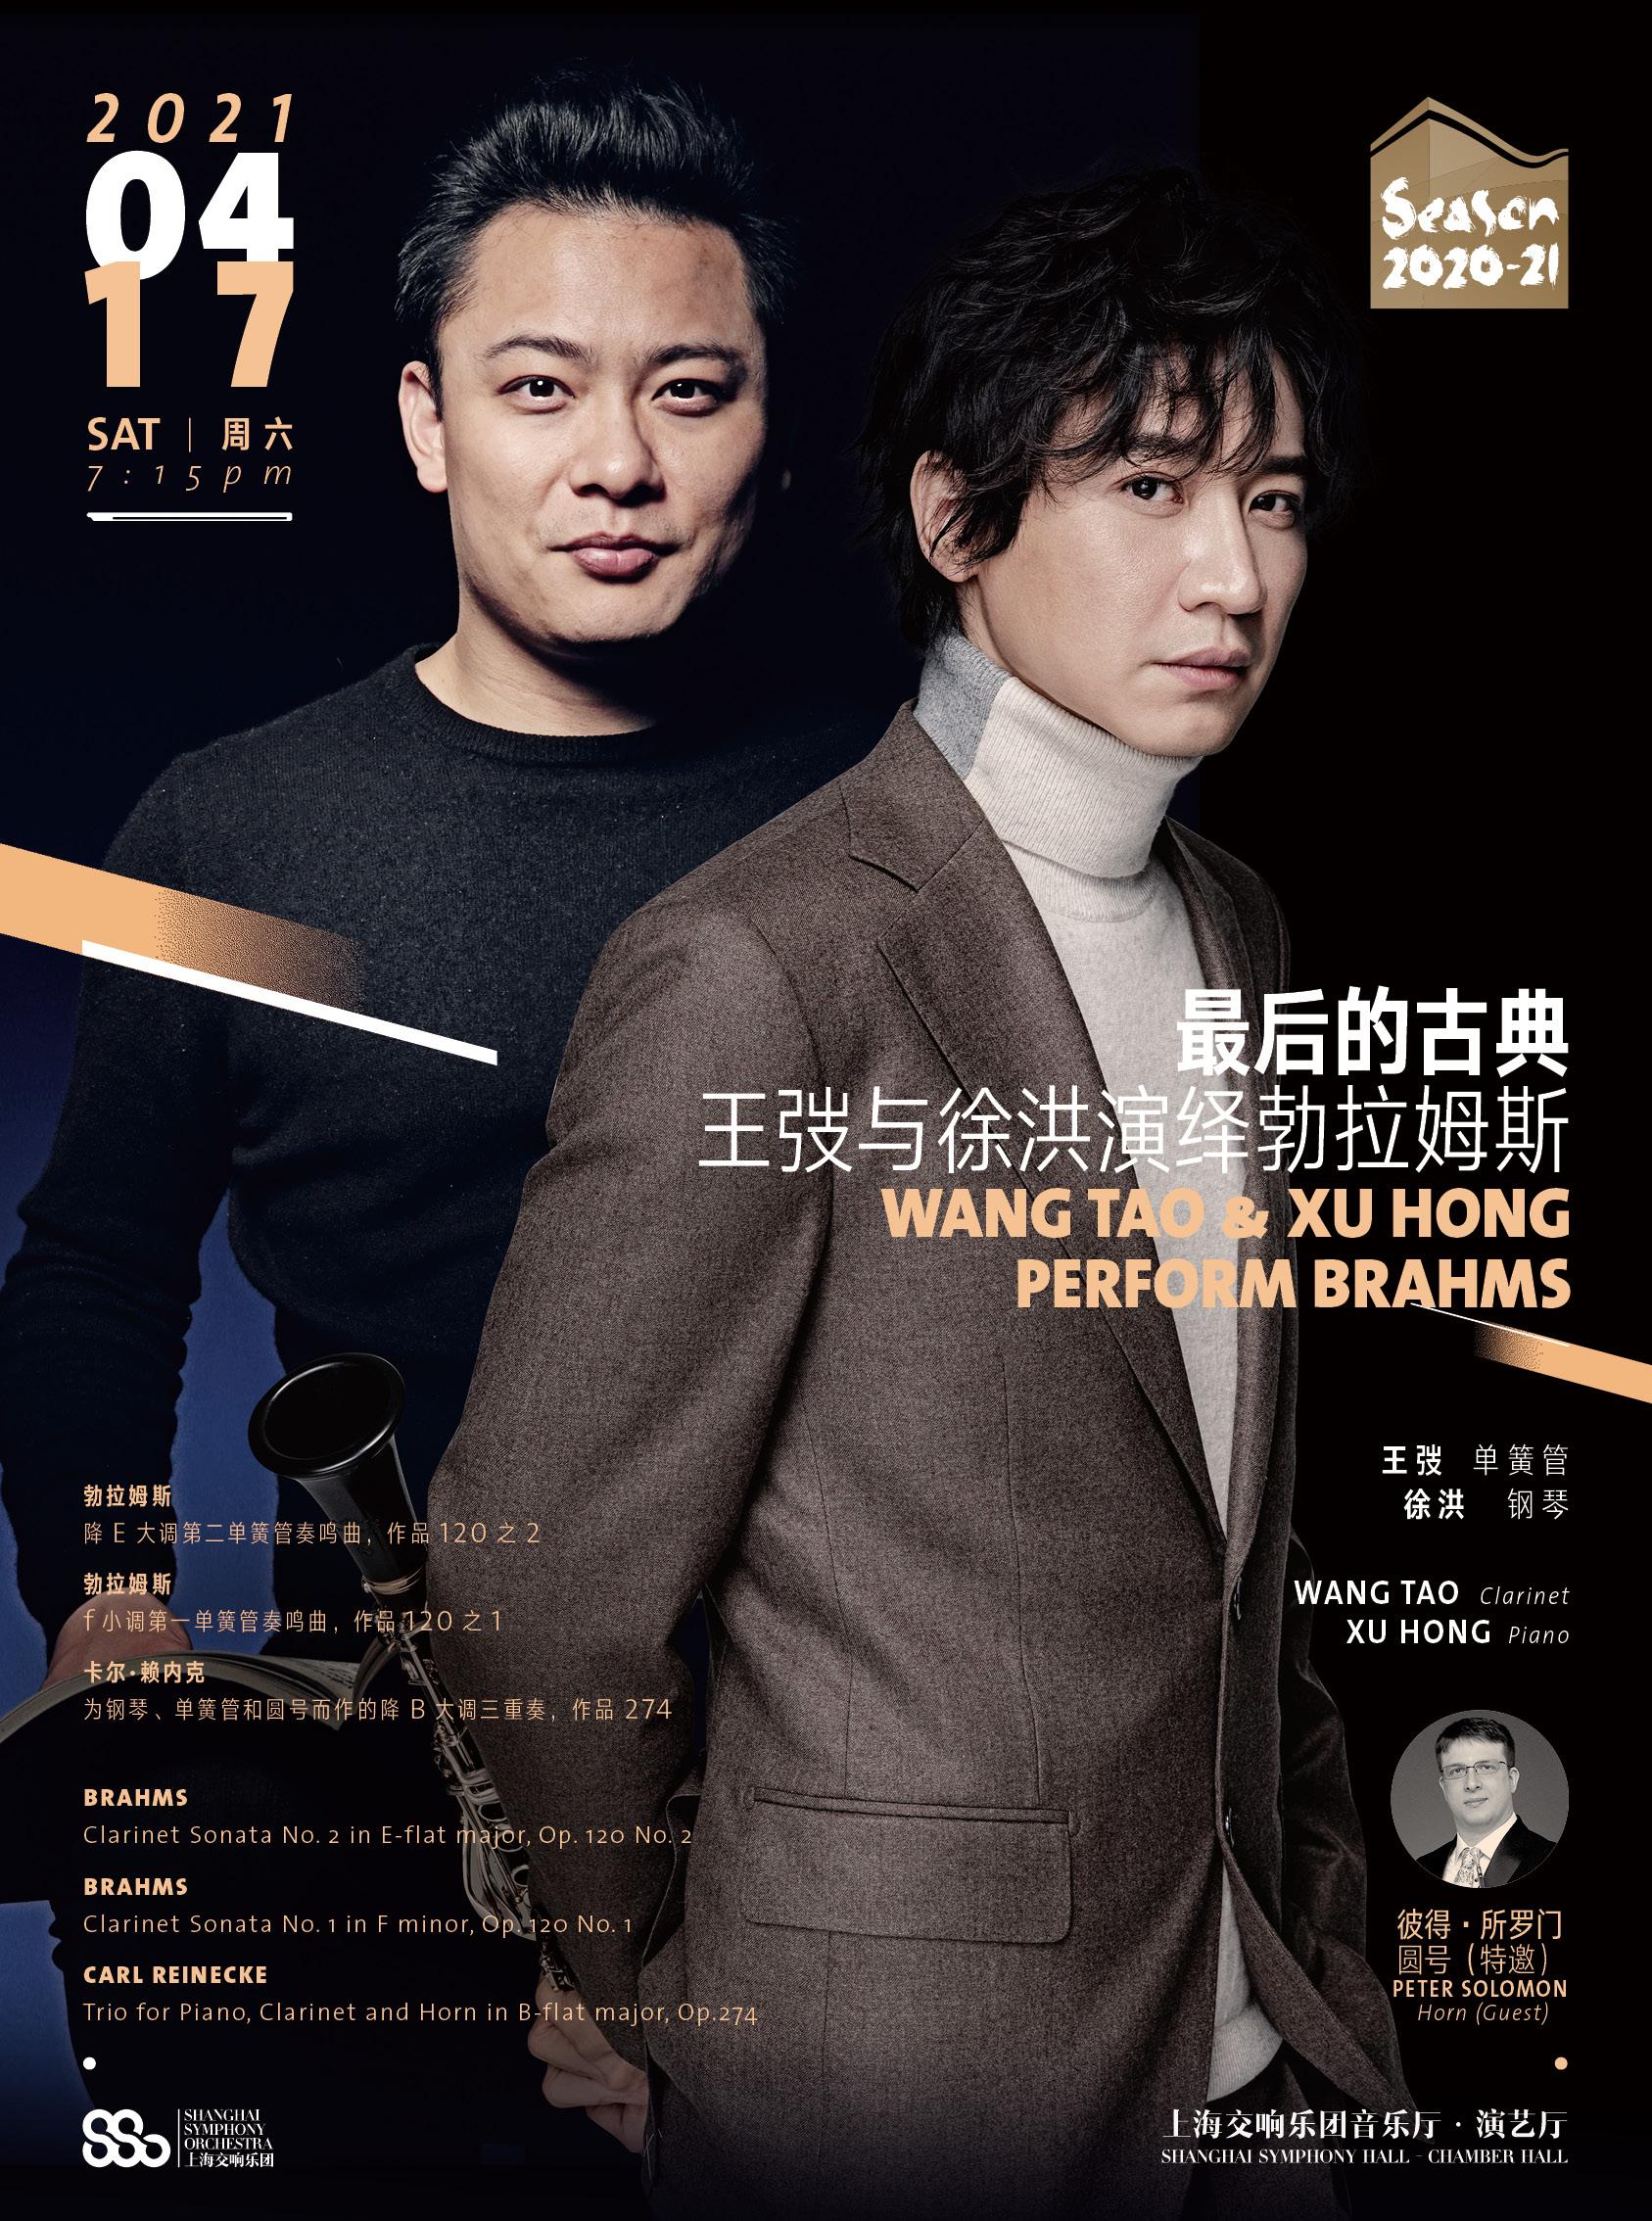 【上海站】最后的古典 王弢与徐洪演绎勃拉姆斯